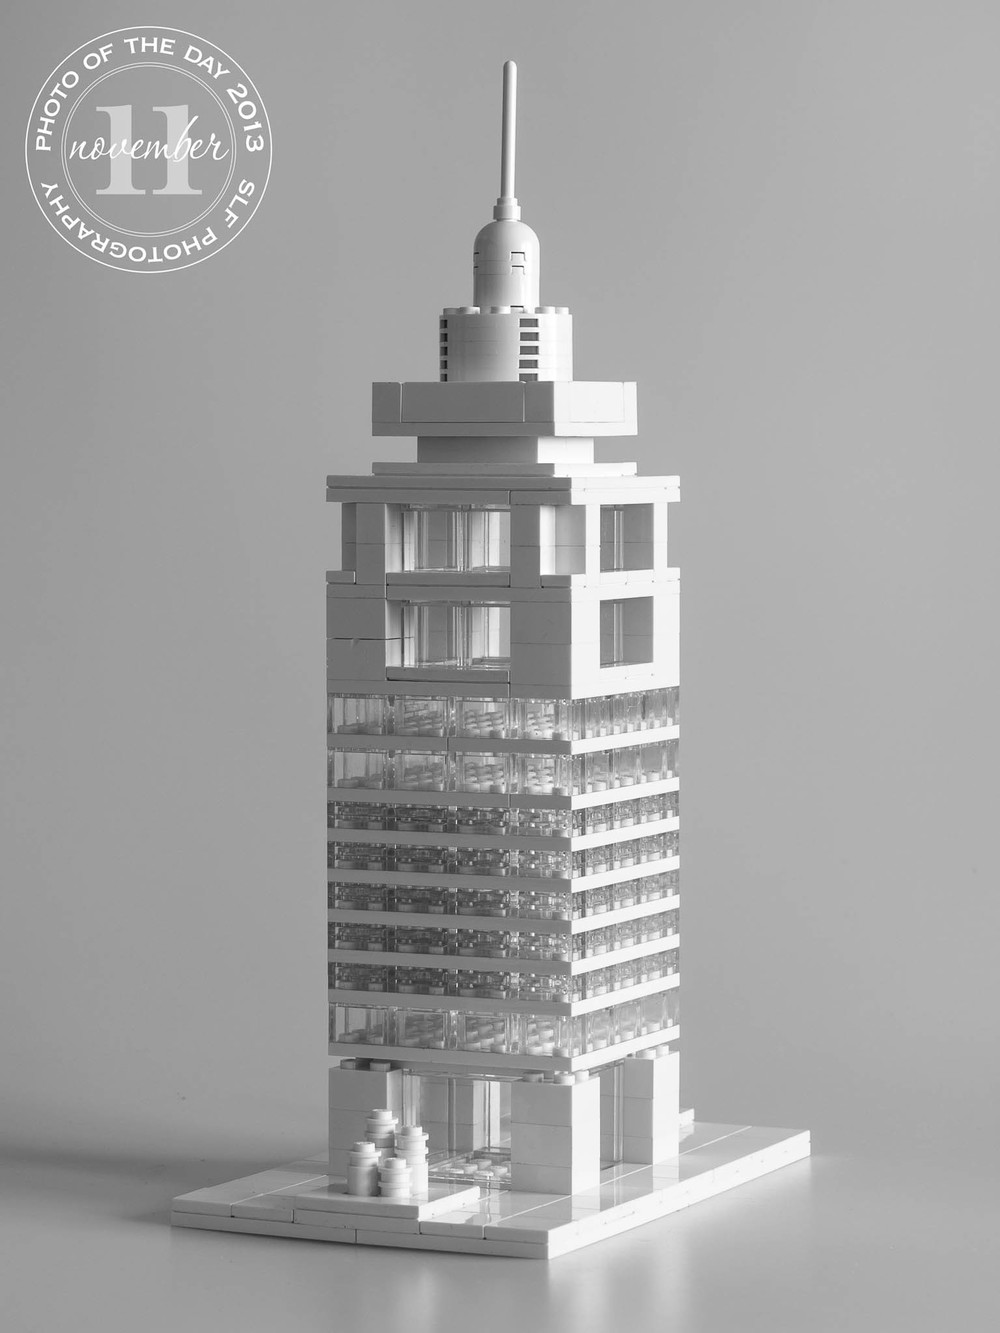 Lego Challenge #11